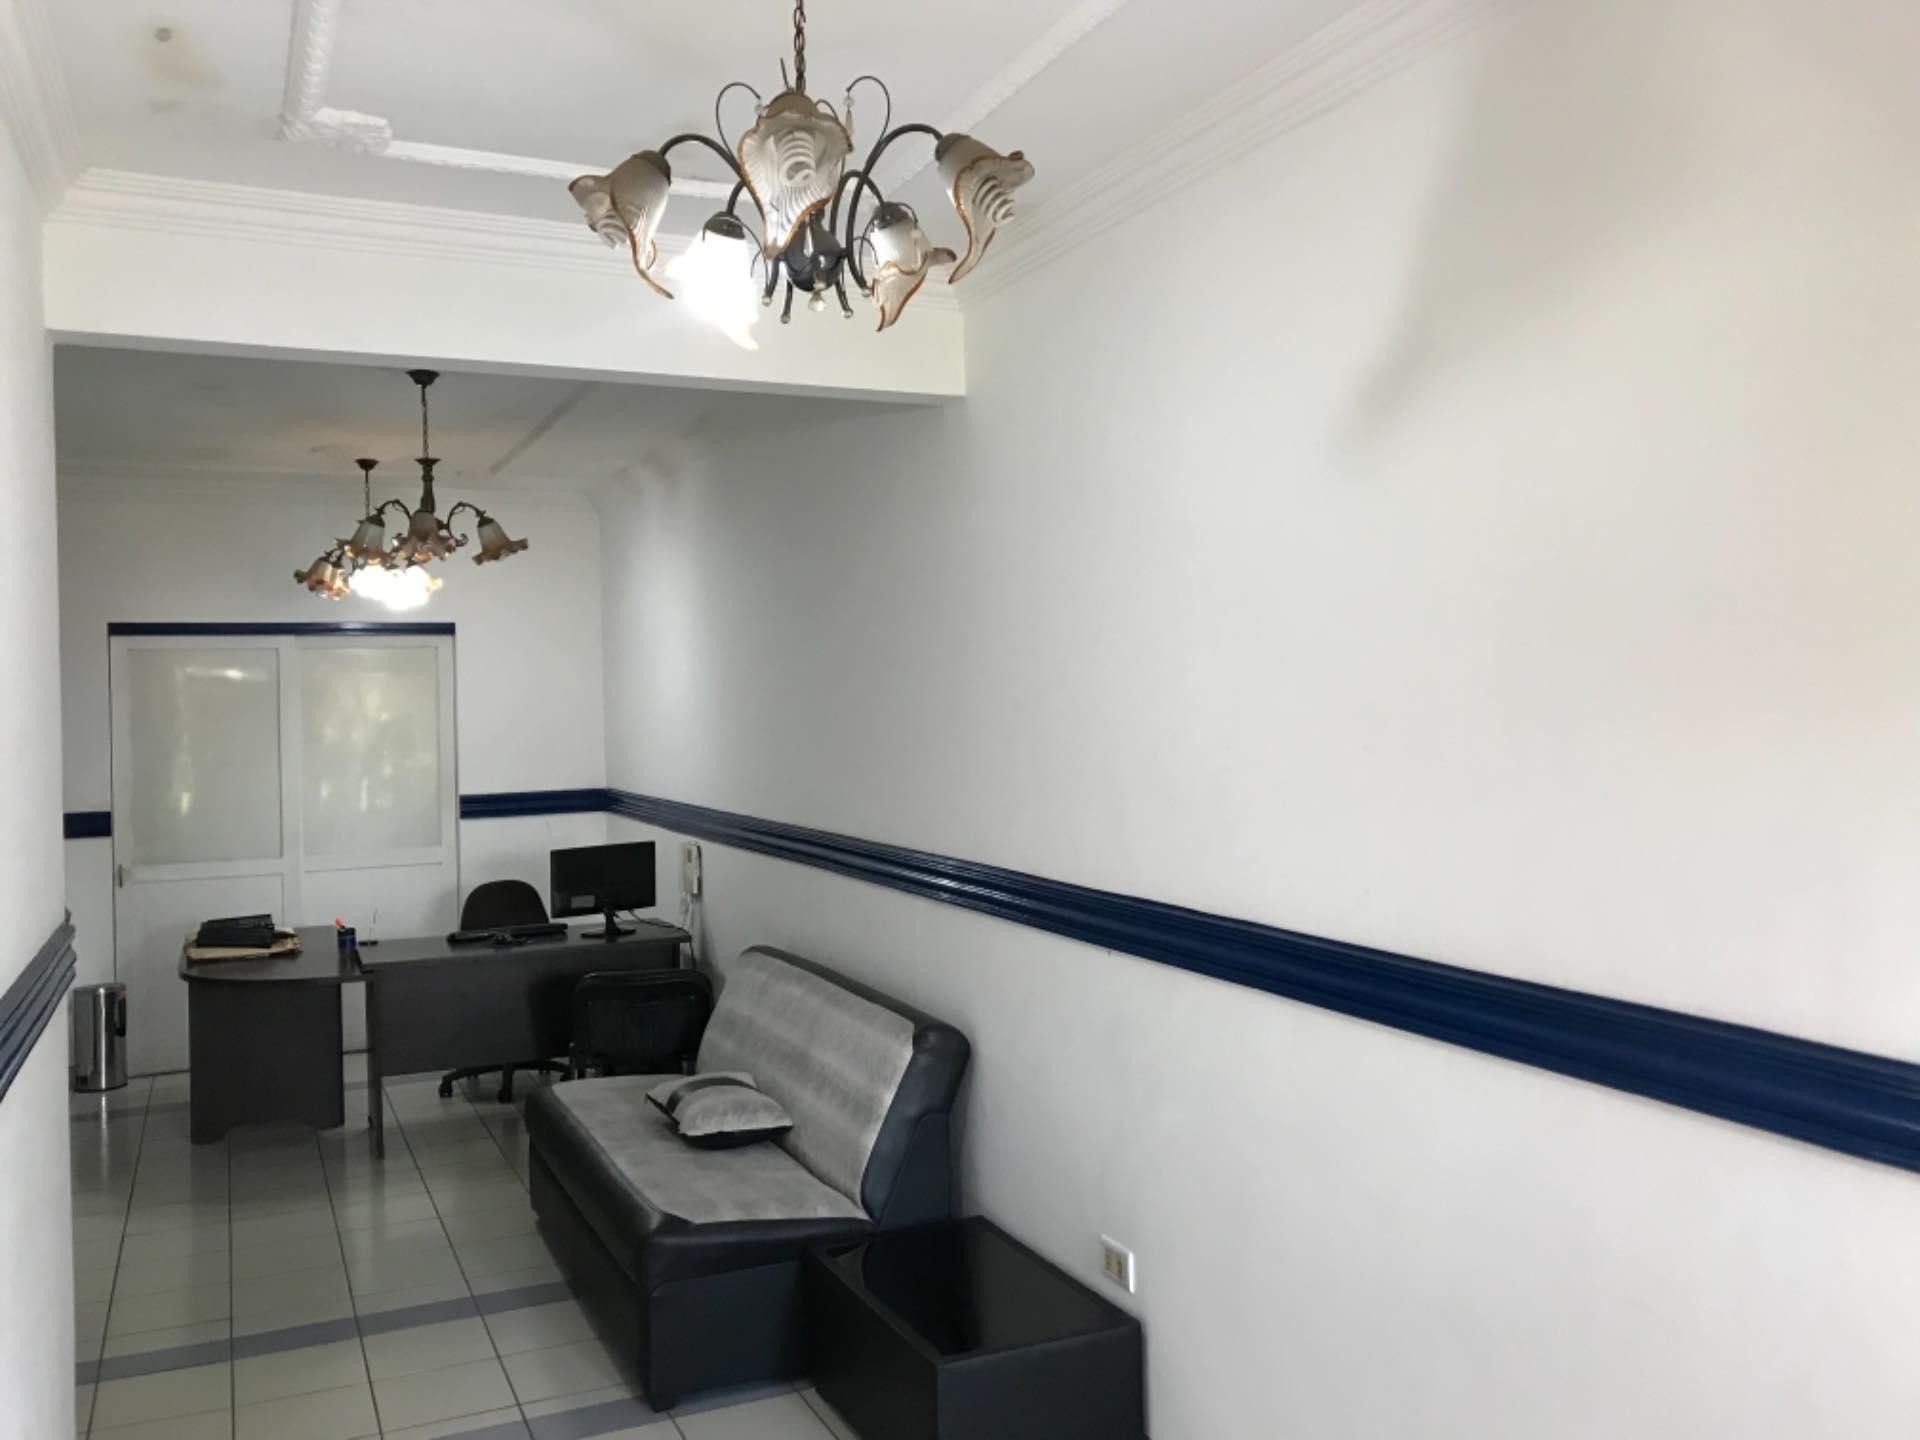 Casa en Alquiler Para empresa- Casa semi independiente - NORTE Foto 2